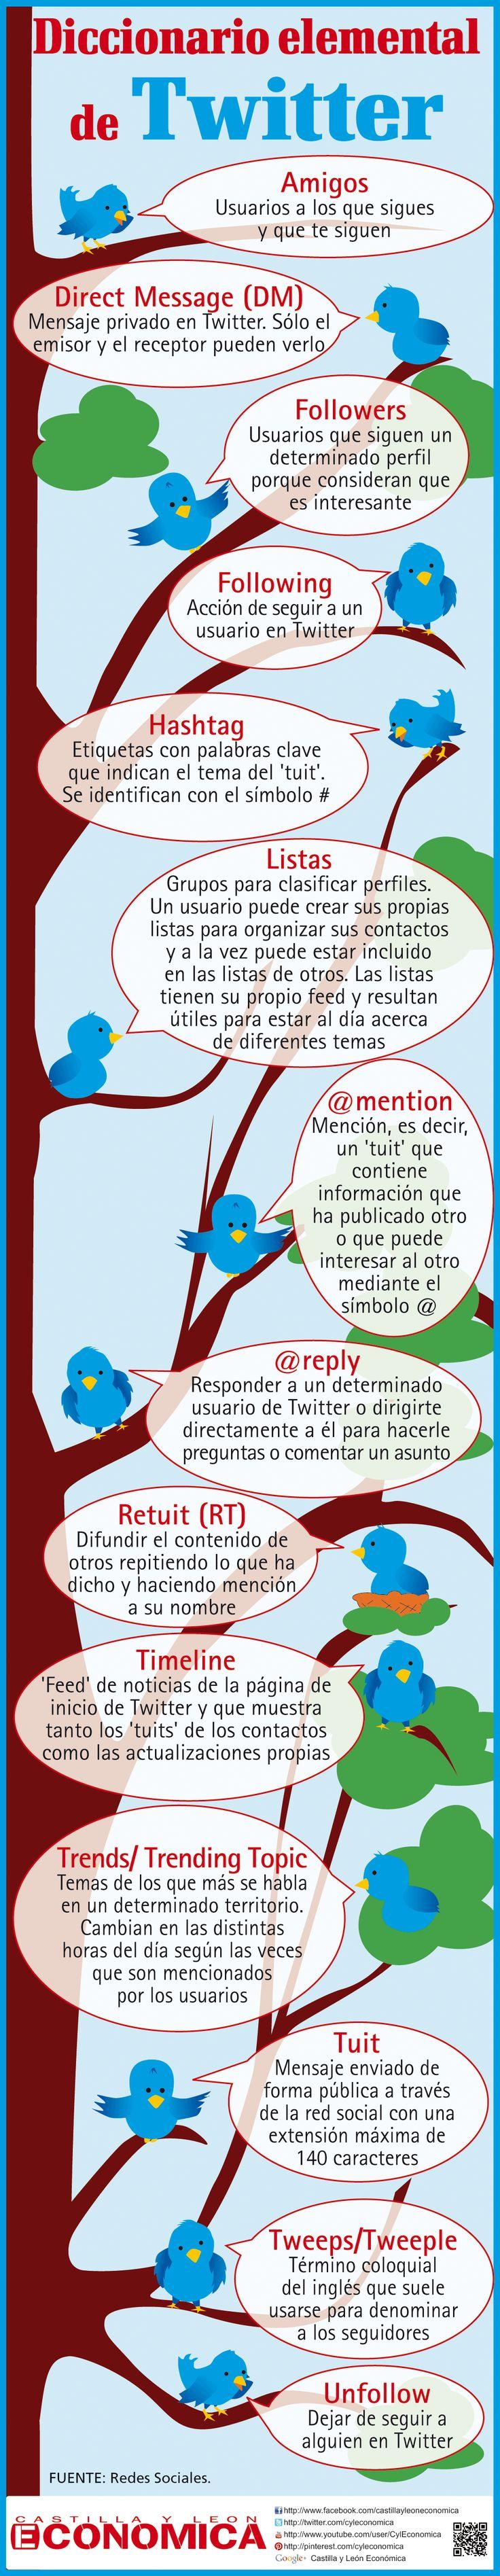 Dicionário do  #Twitter - muito útil - e uma graça também! #infografico #socialmedia